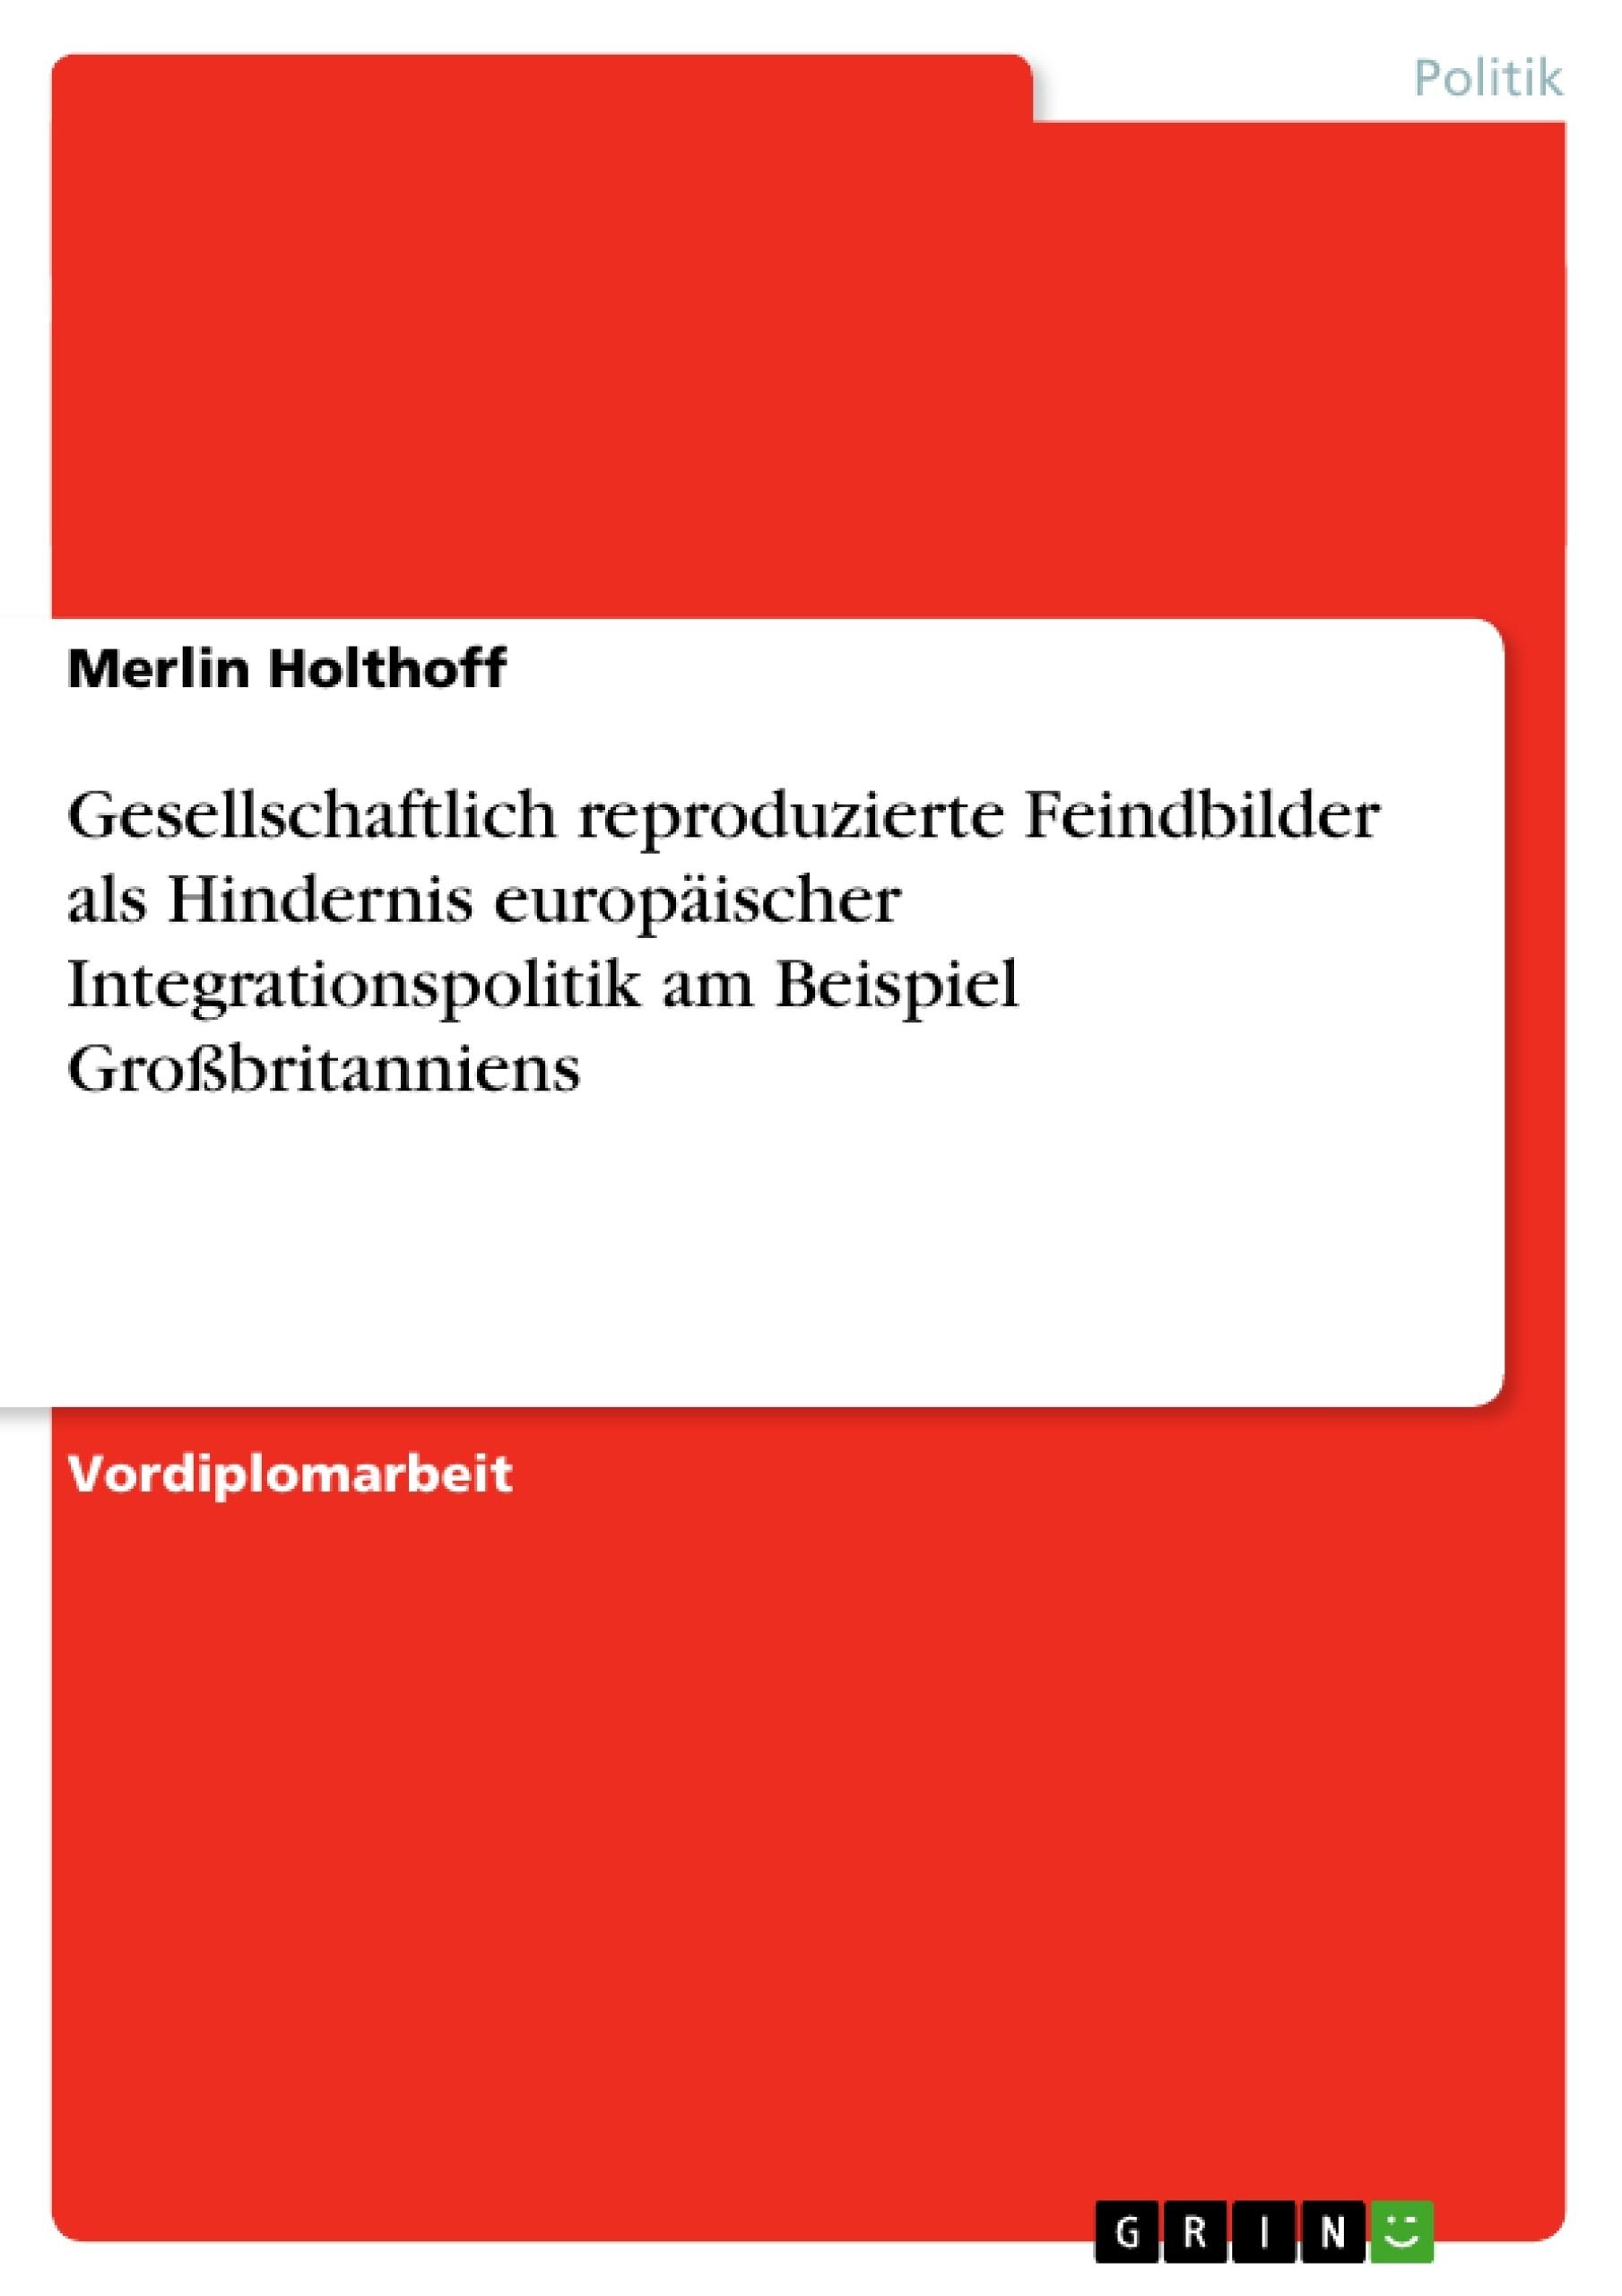 Titel: Gesellschaftlich reproduzierte Feindbilder als Hindernis europäischer Integrationspolitik am Beispiel Großbritanniens